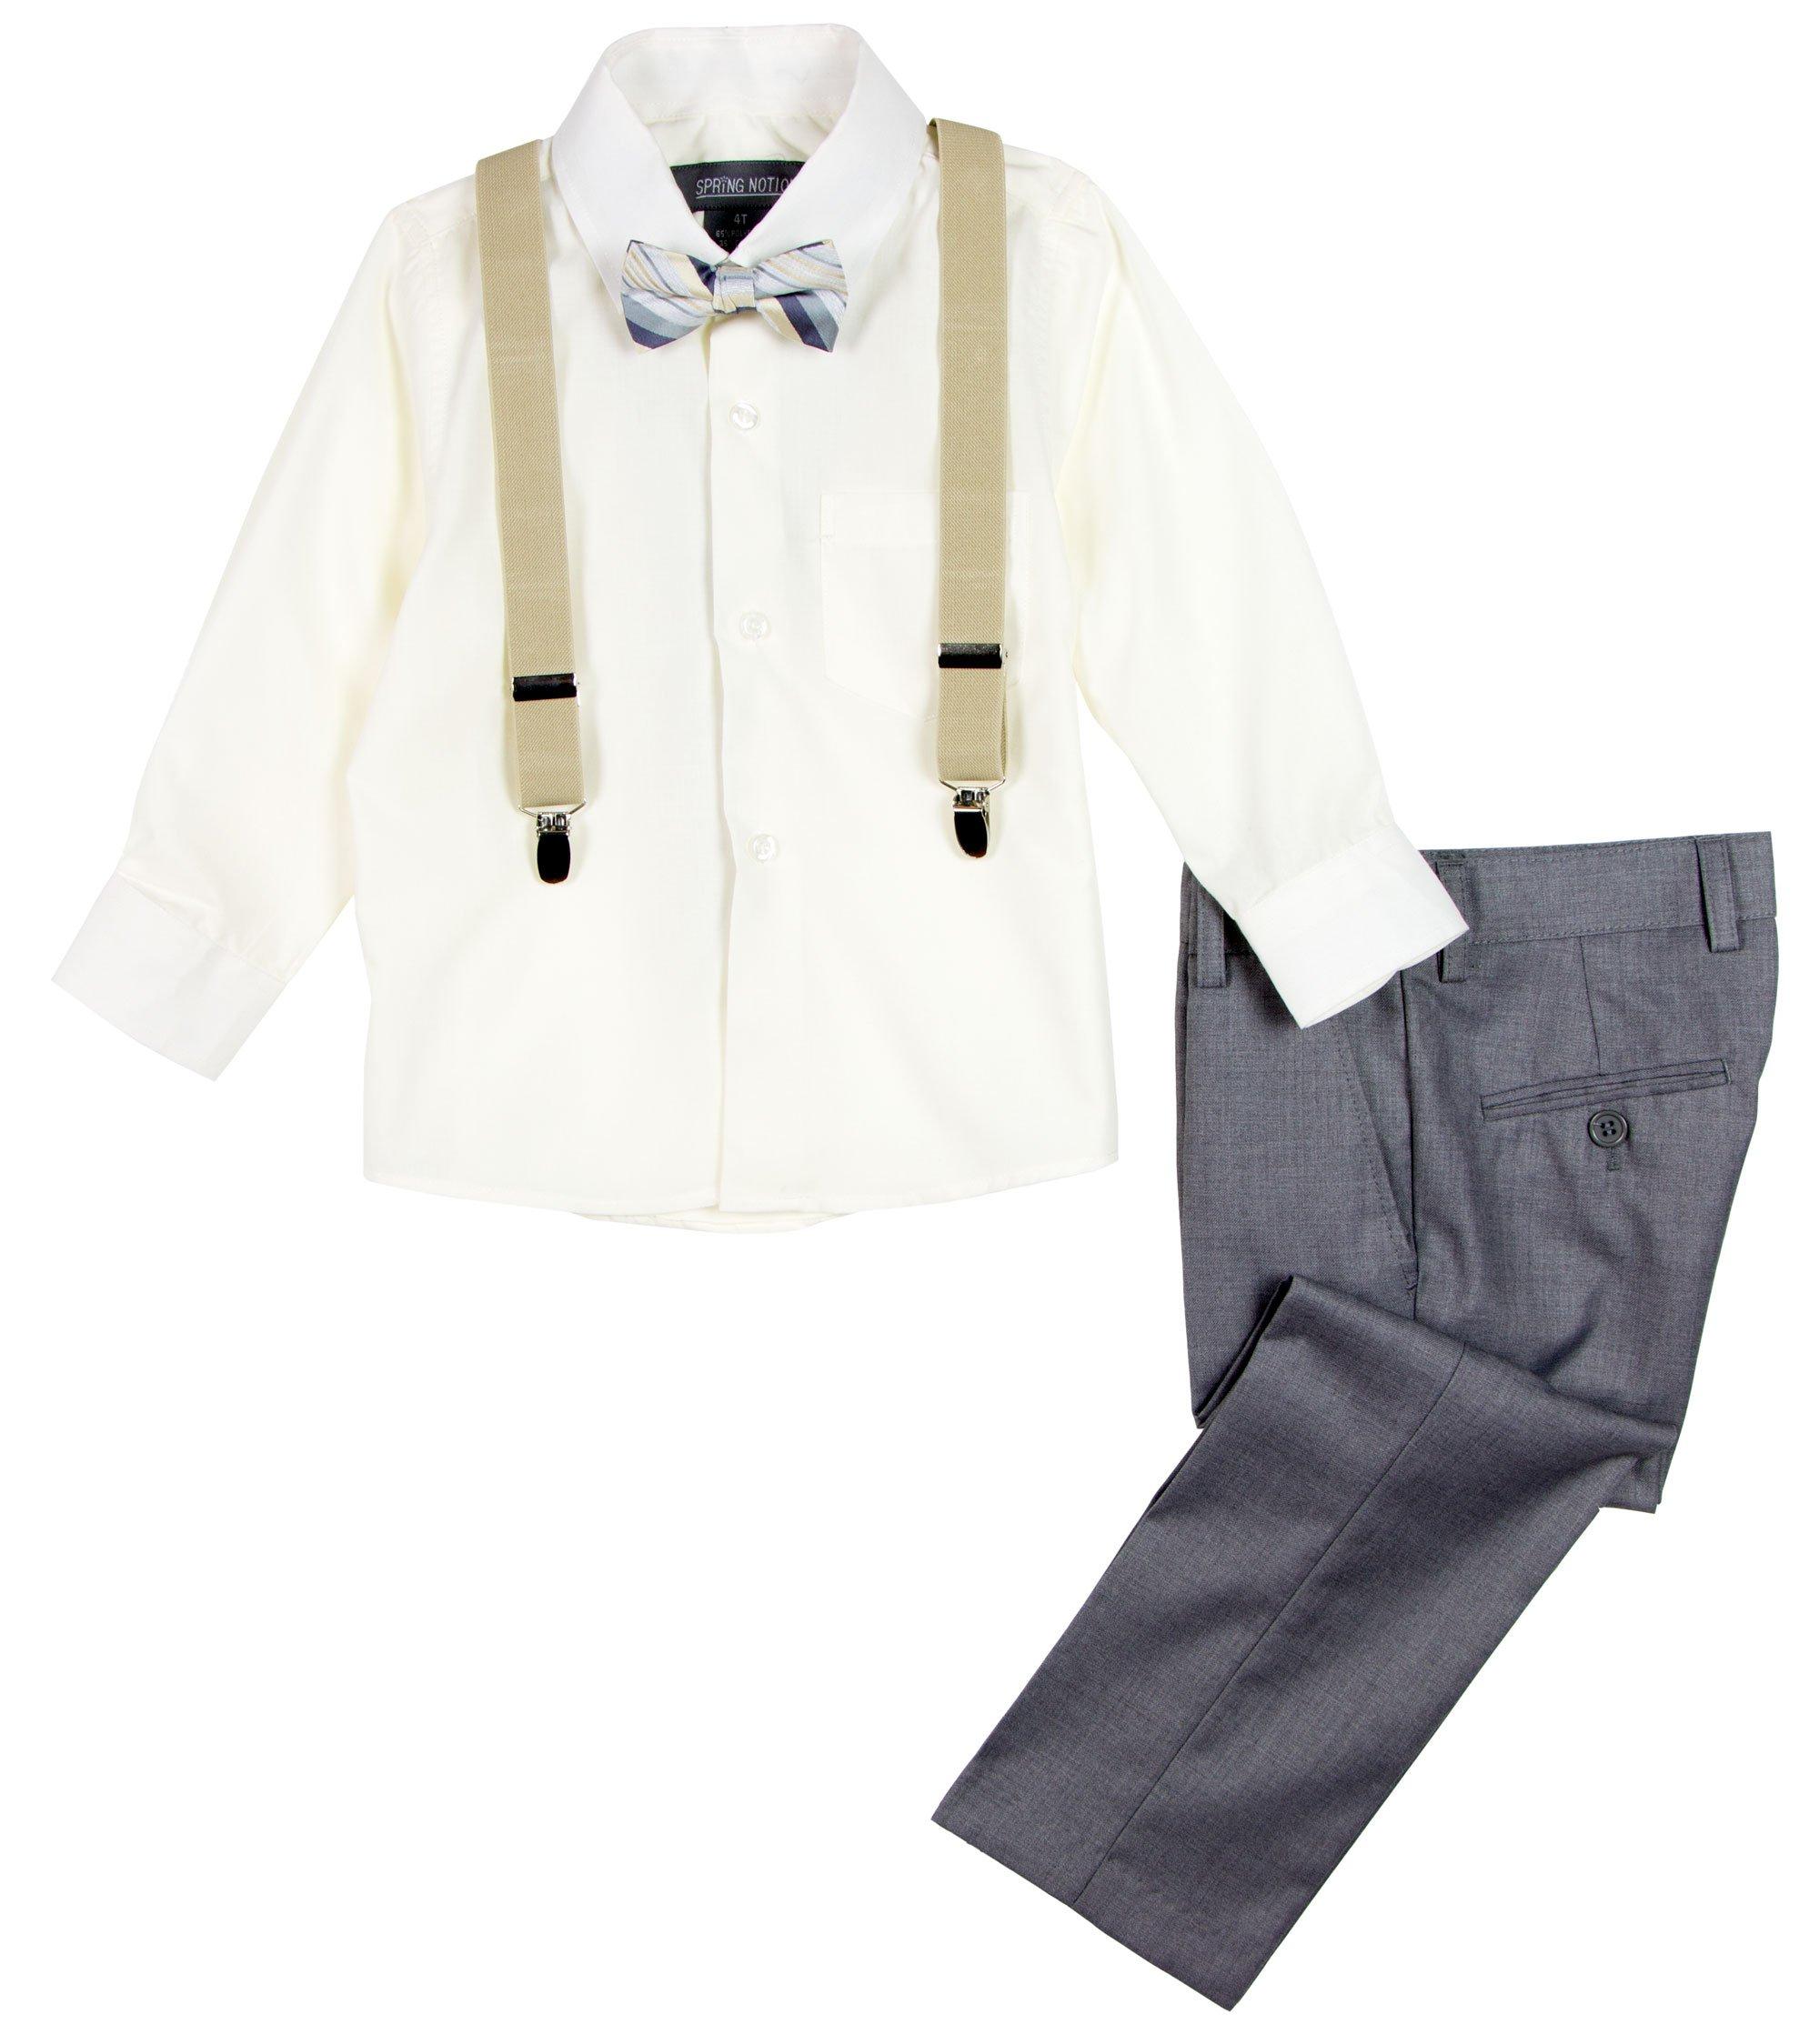 Spring Notion Boys' 4-Piece Dress up Pants Set 8 Grey/Ivory